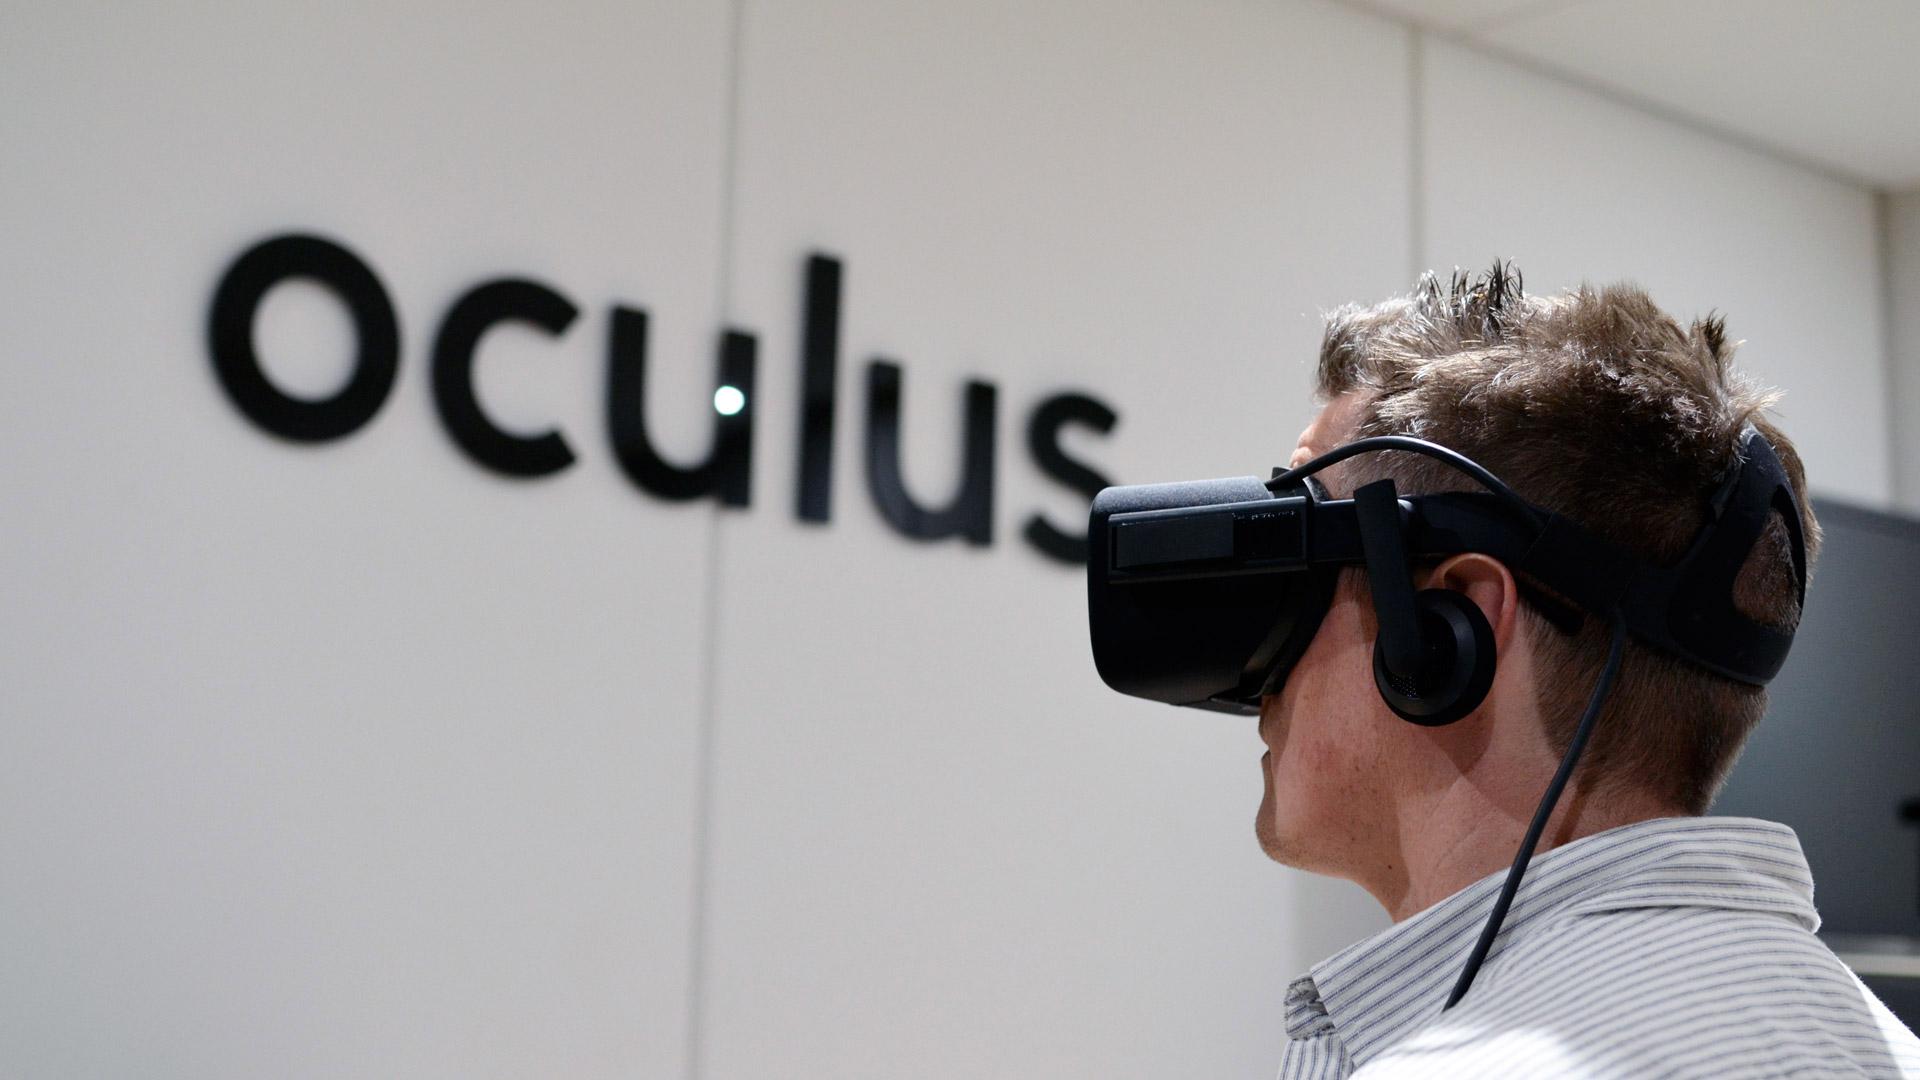 سيكون Rift S هو اسم نظارات الواقع الافتراضي Oculus التالية 1